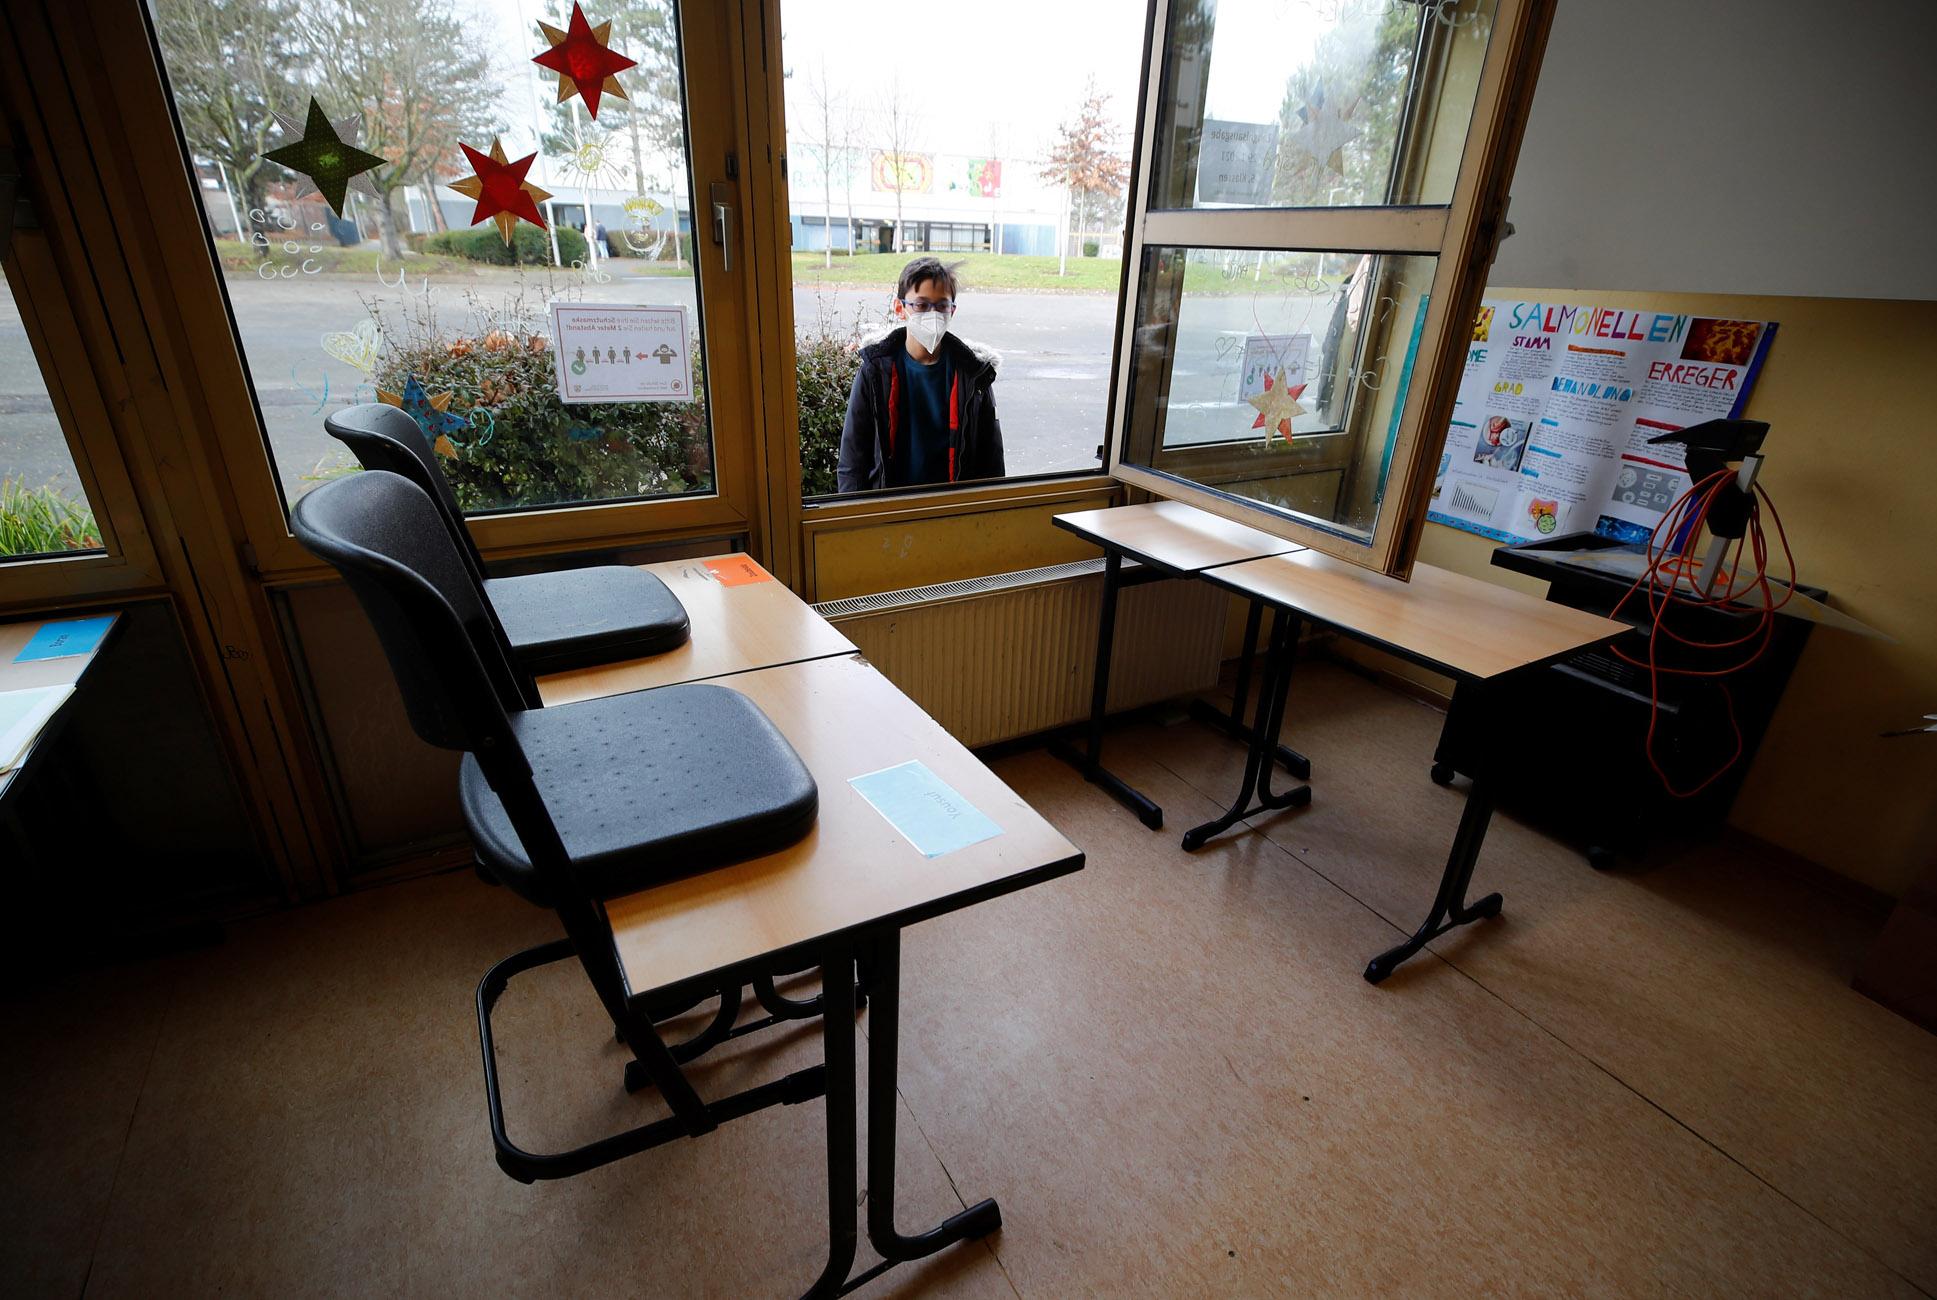 Γερμανία: Πρώτα θα ανοίξουν παιδικοί σταθμοί και σχολεία λέει ο Σολτς